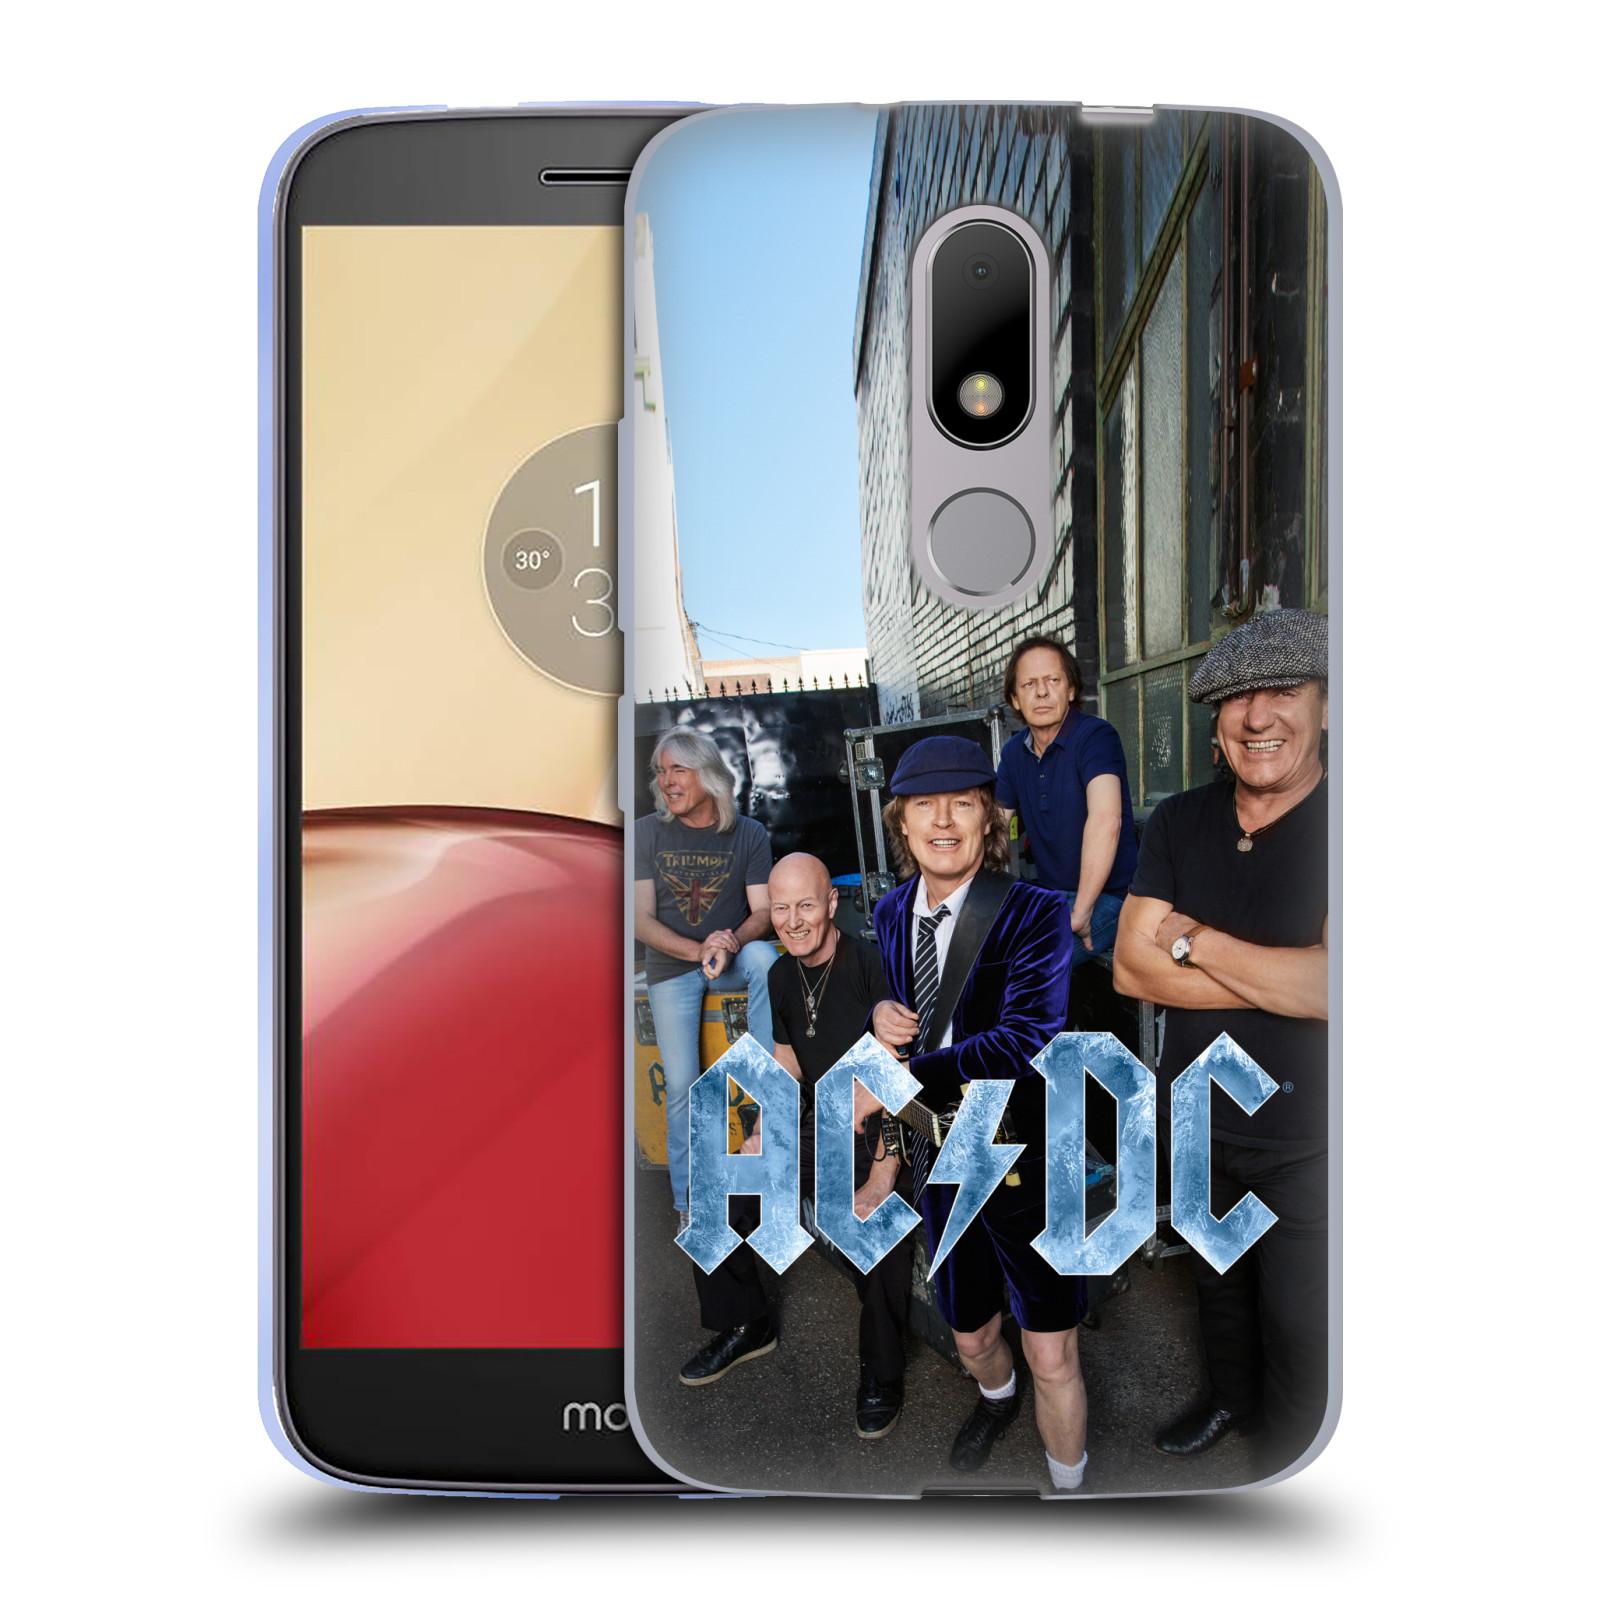 Silikonové pouzdro na mobil Lenovo Moto M - Head Case AC/DC Skupina barevně (Silikonový kryt či obal na mobilní telefon s oficiálním motivem australské skupiny AC/DC pro Lenovo Moto M (Dual Sim))